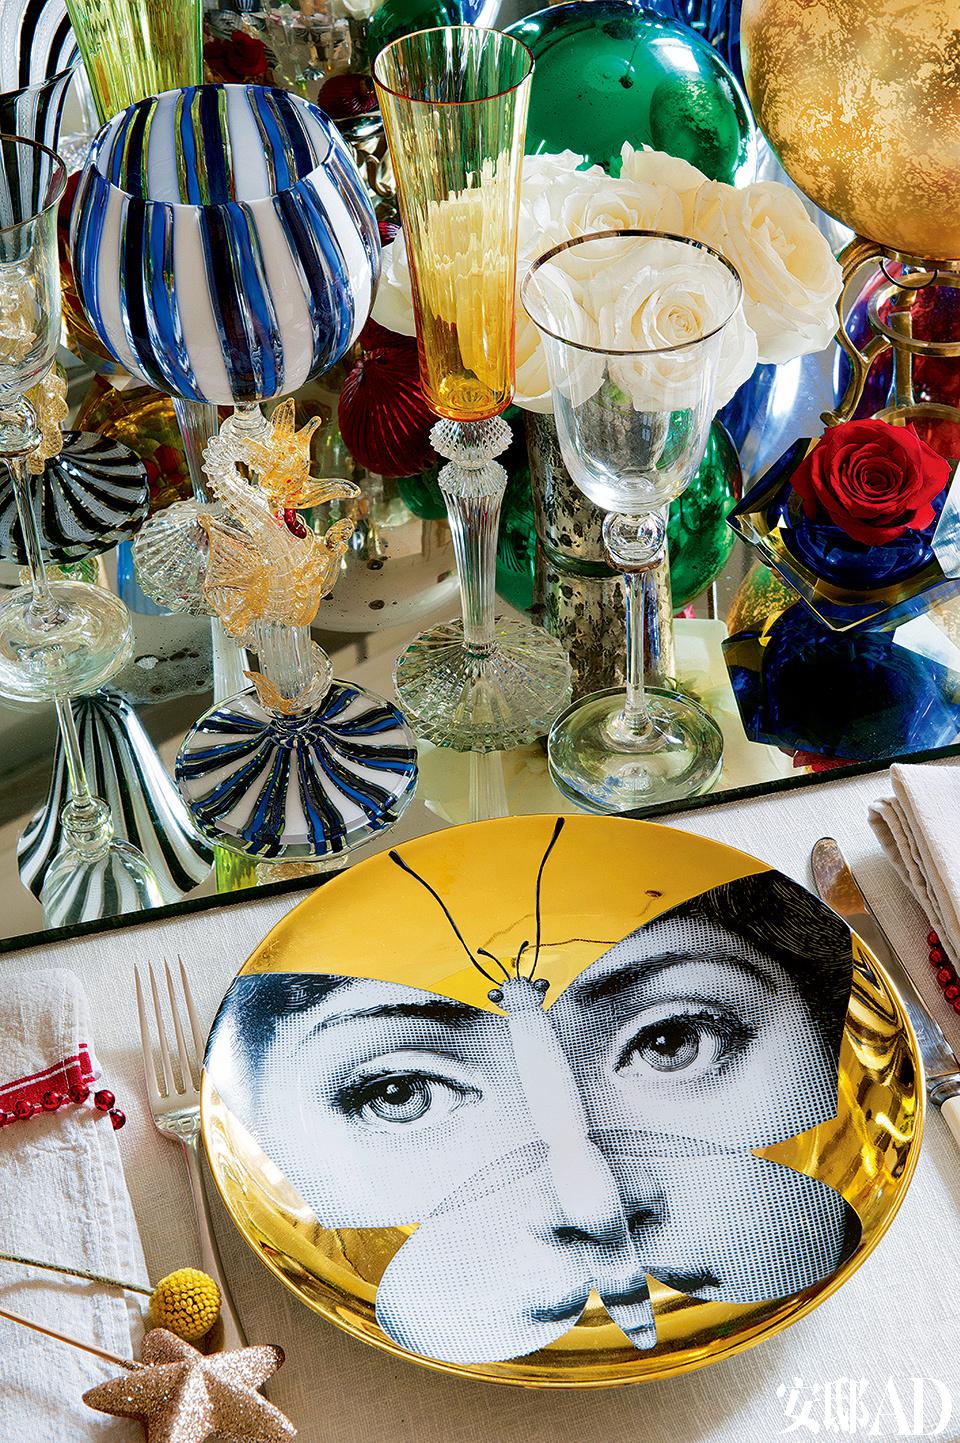 圣诞餐桌的细节:Fornasetti的盘子是整个家灵感魔力的来源,Gambara的银制英式餐具和摆放在镜子上的来自Murano的Baccarat酒杯则彰显着主人的生活品质。